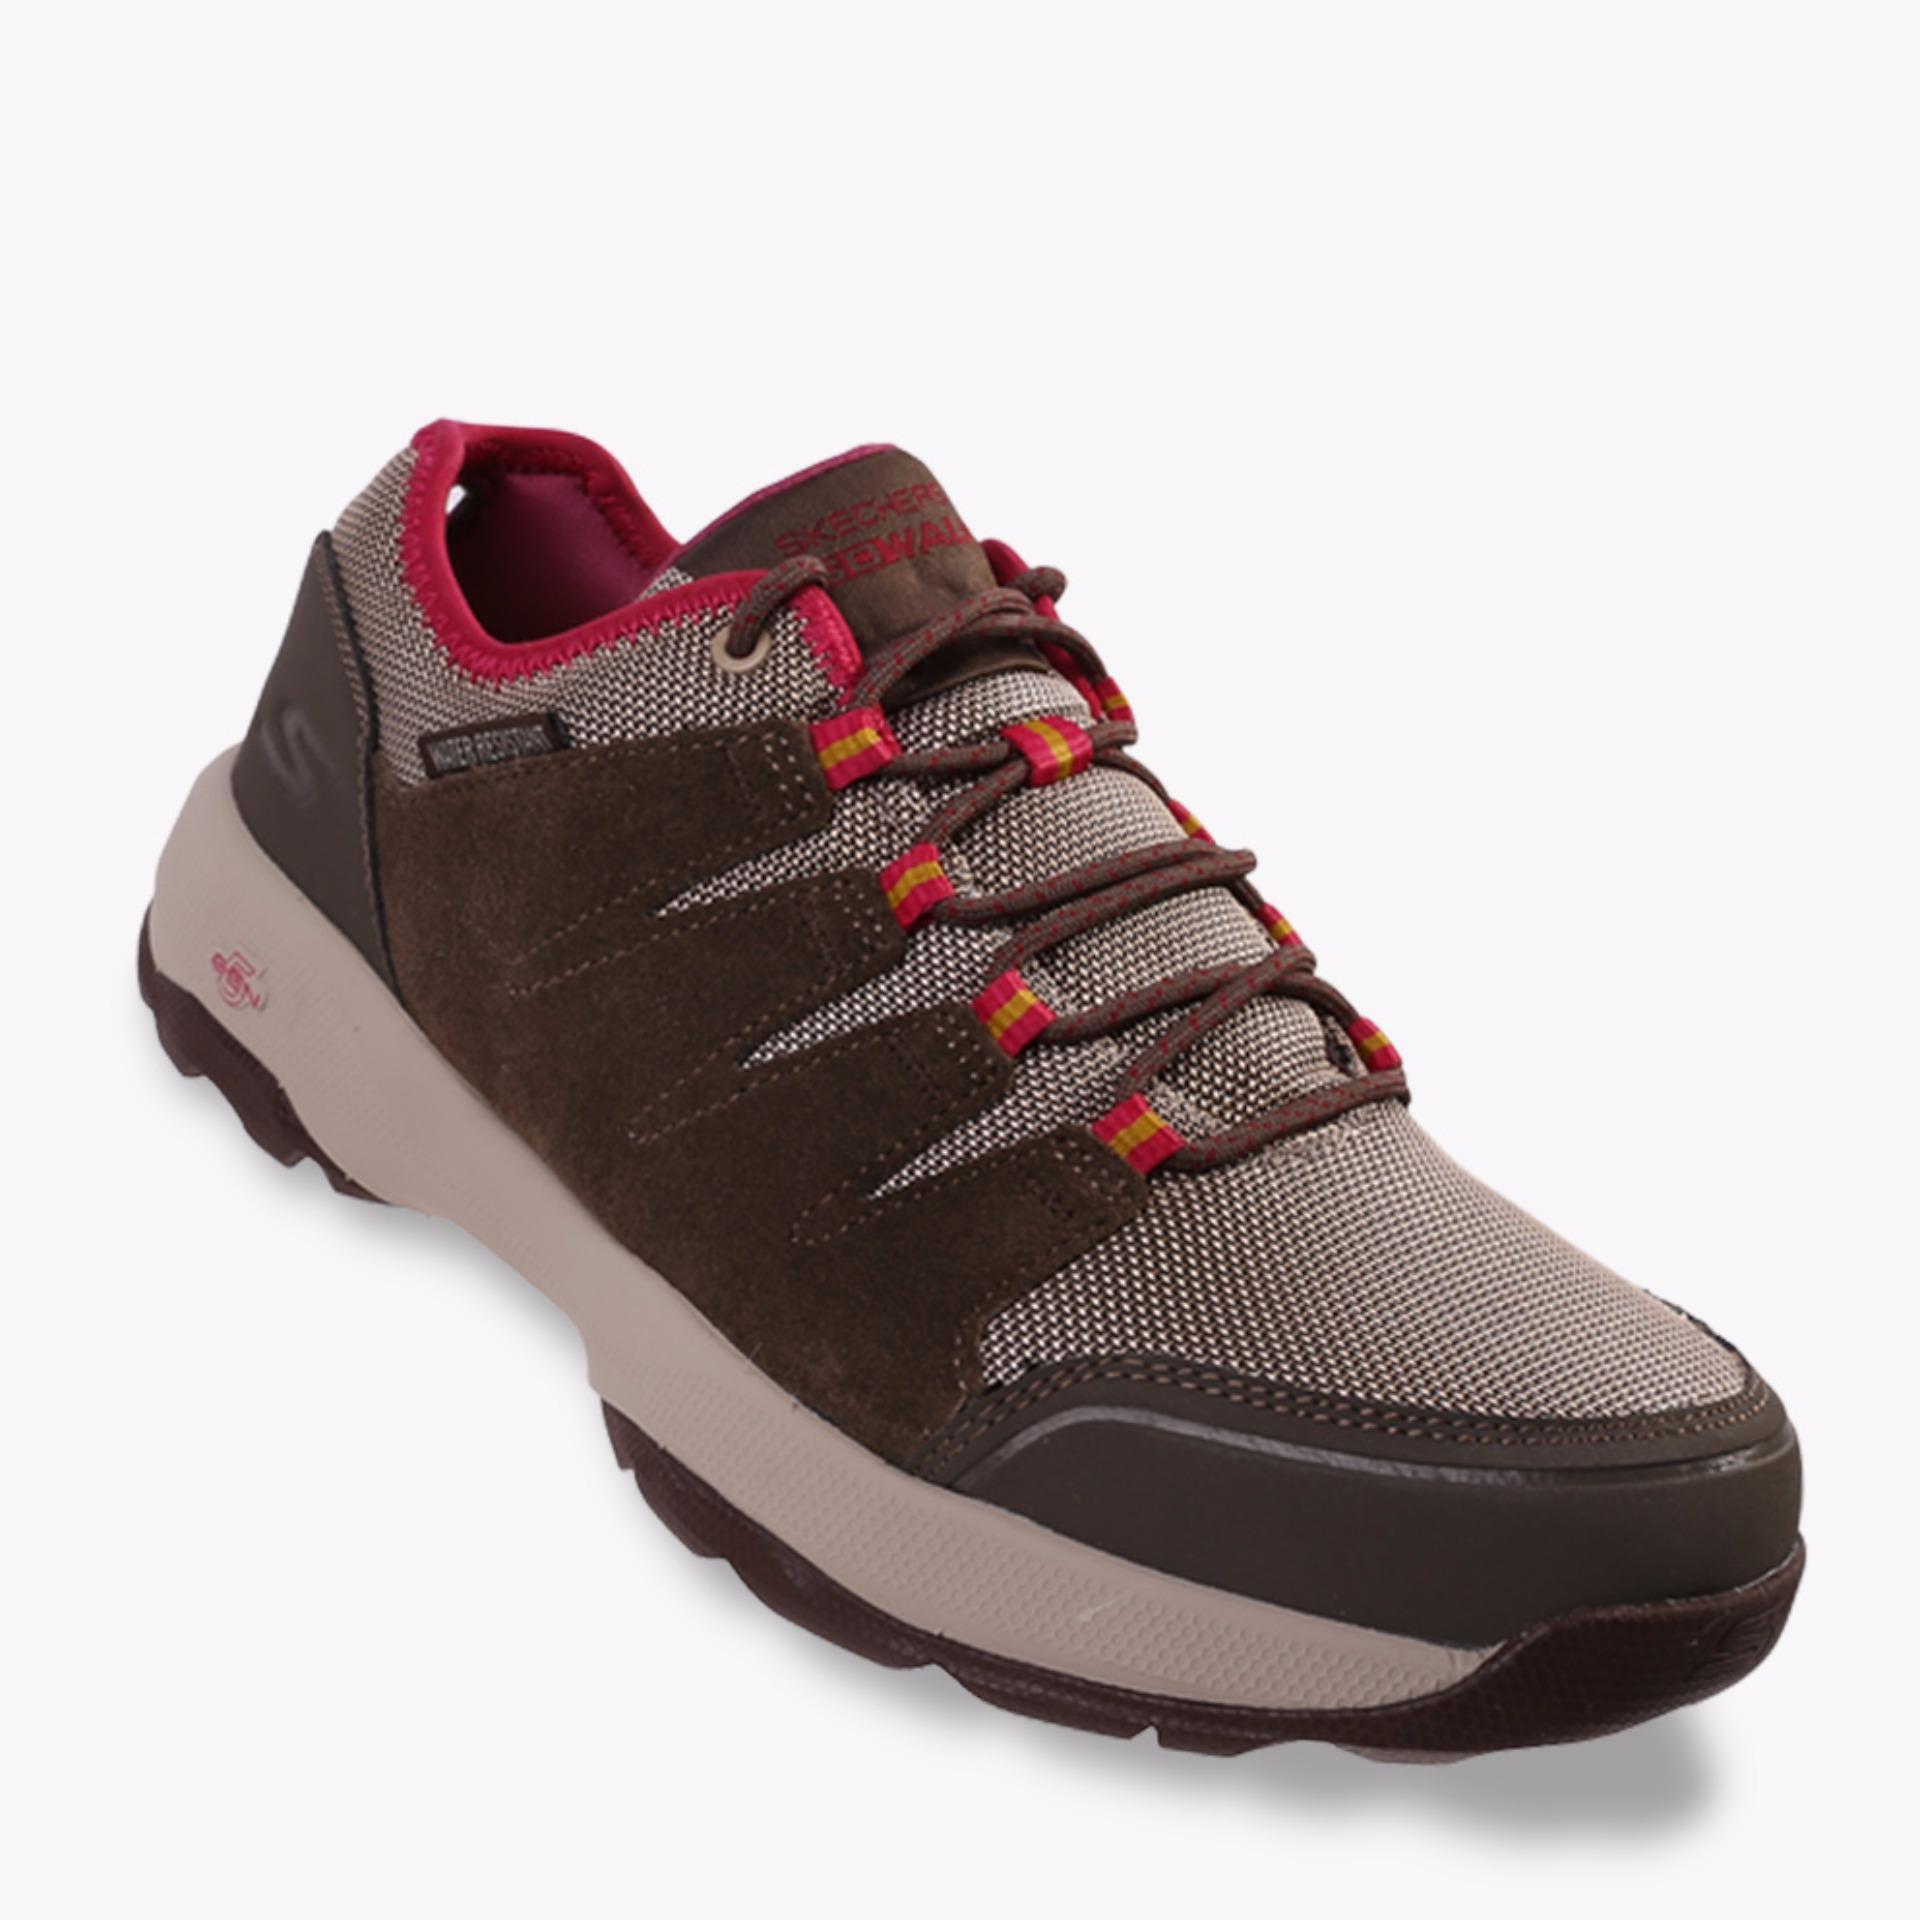 Review Skechers Gowalk Outdoors 2 Pathway Women S Sneakers Shoes Coklat